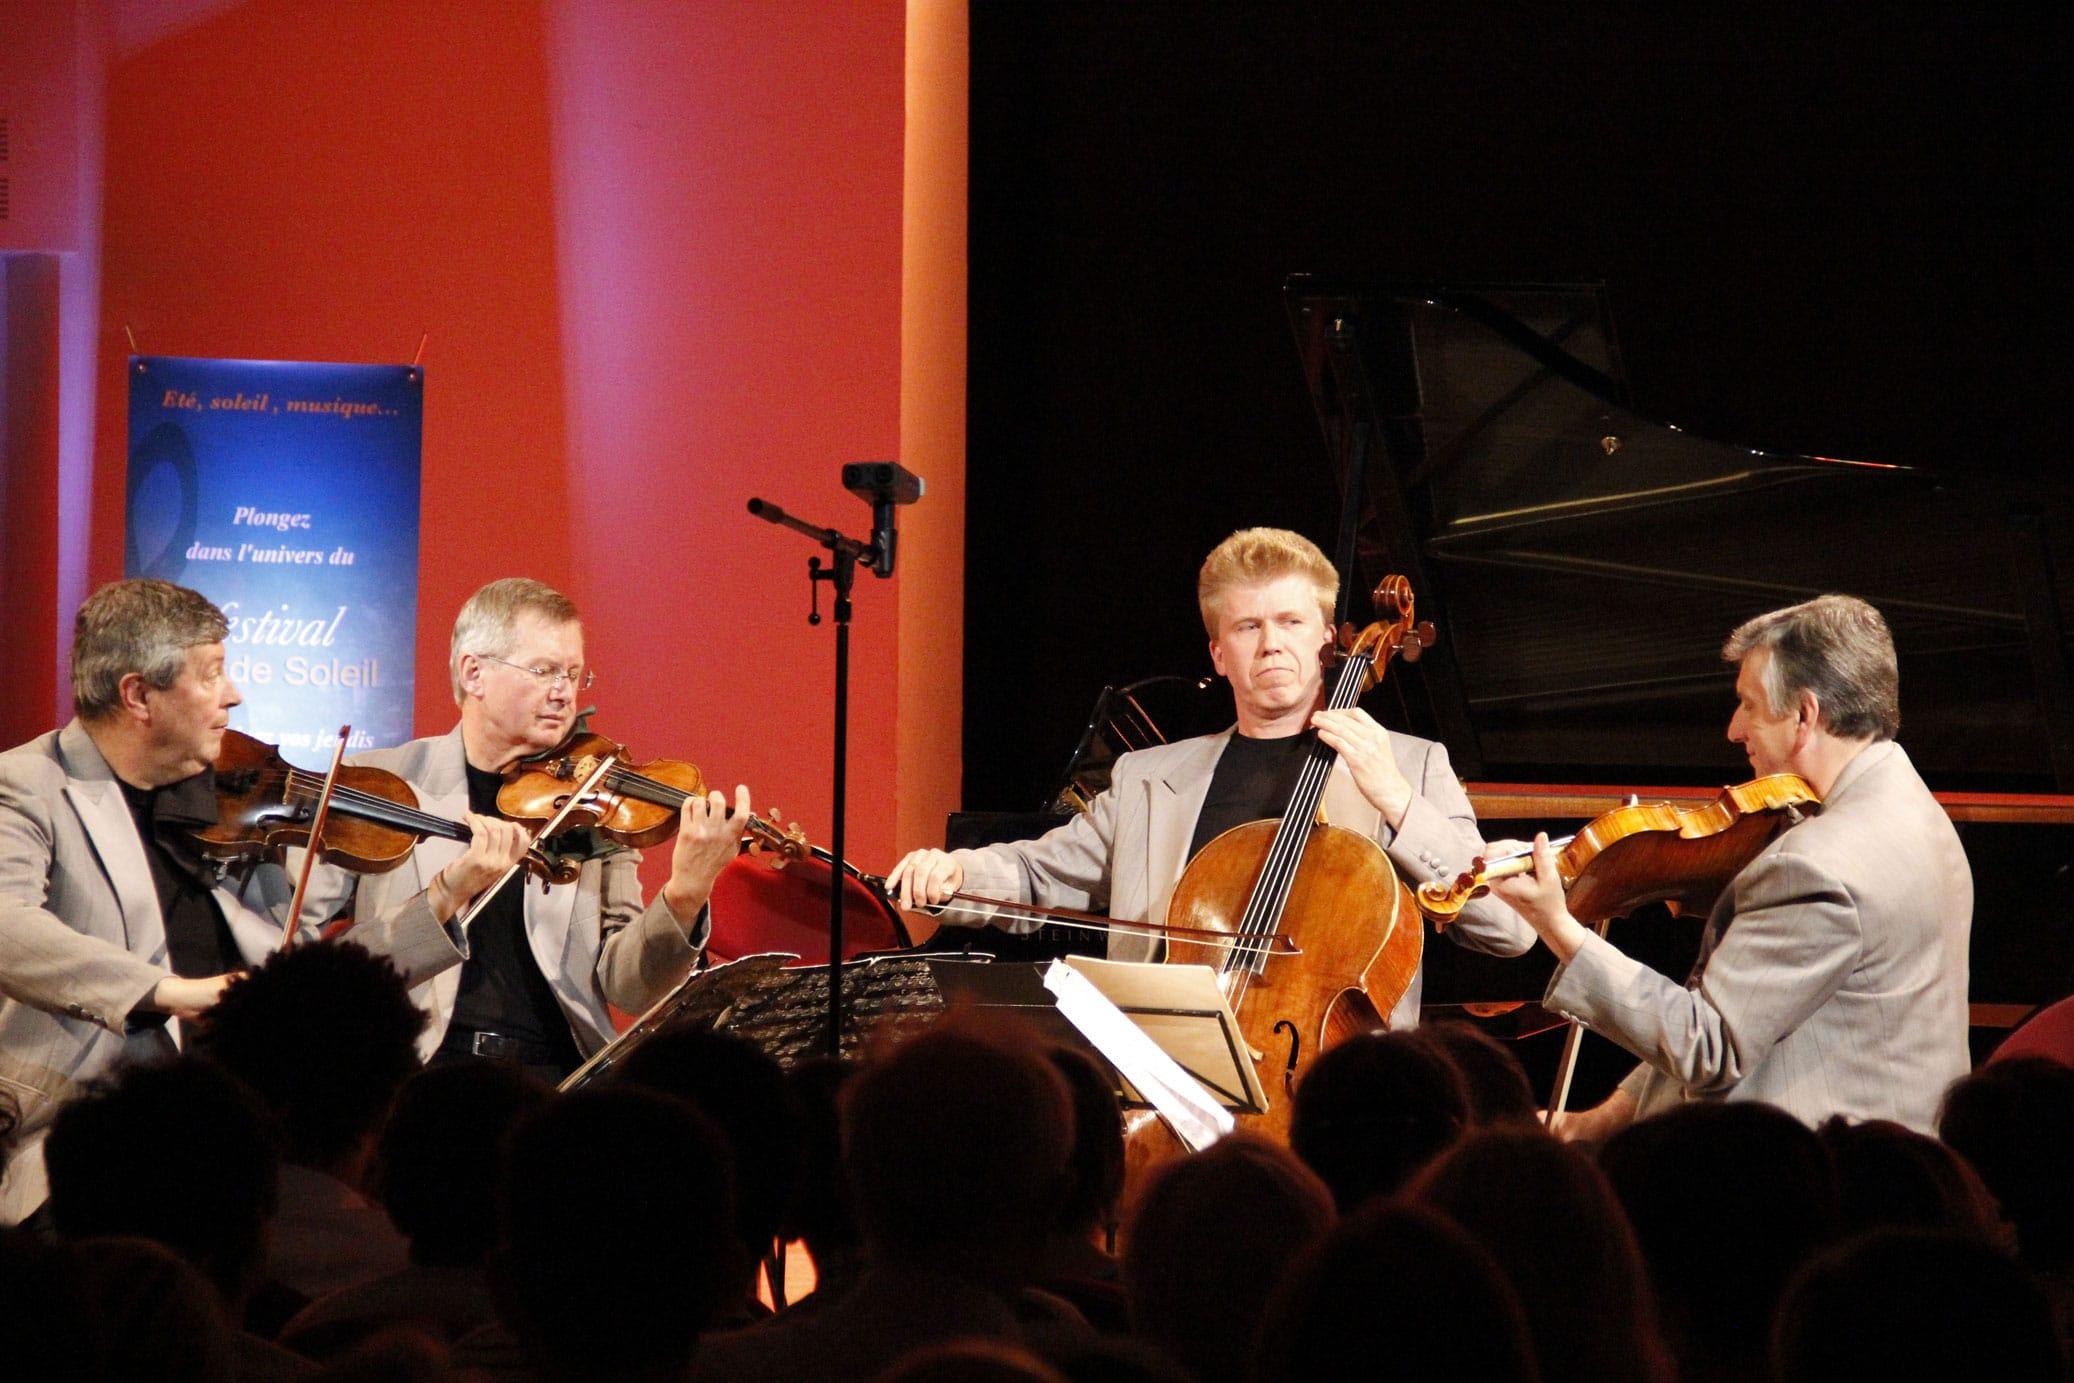 Quatuor Pracžák au Festival Clef de Soleil